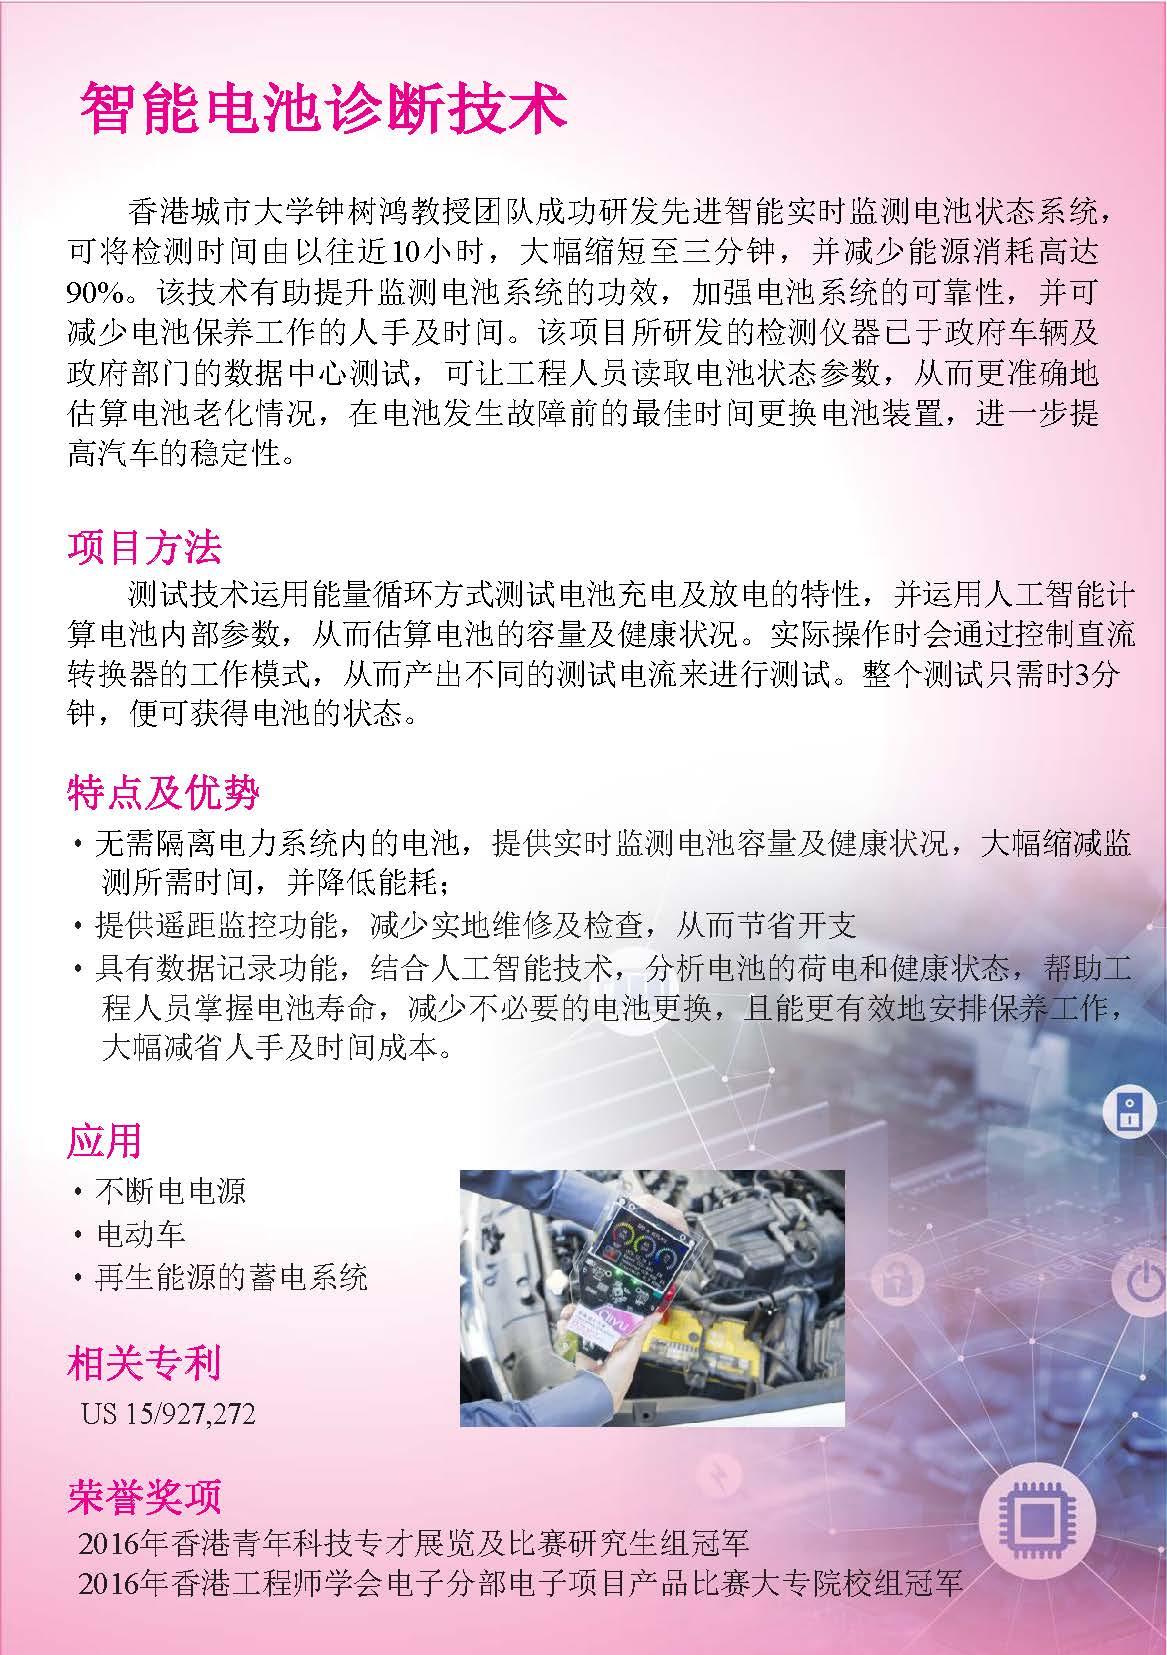 智能电池诊断技术.jpg